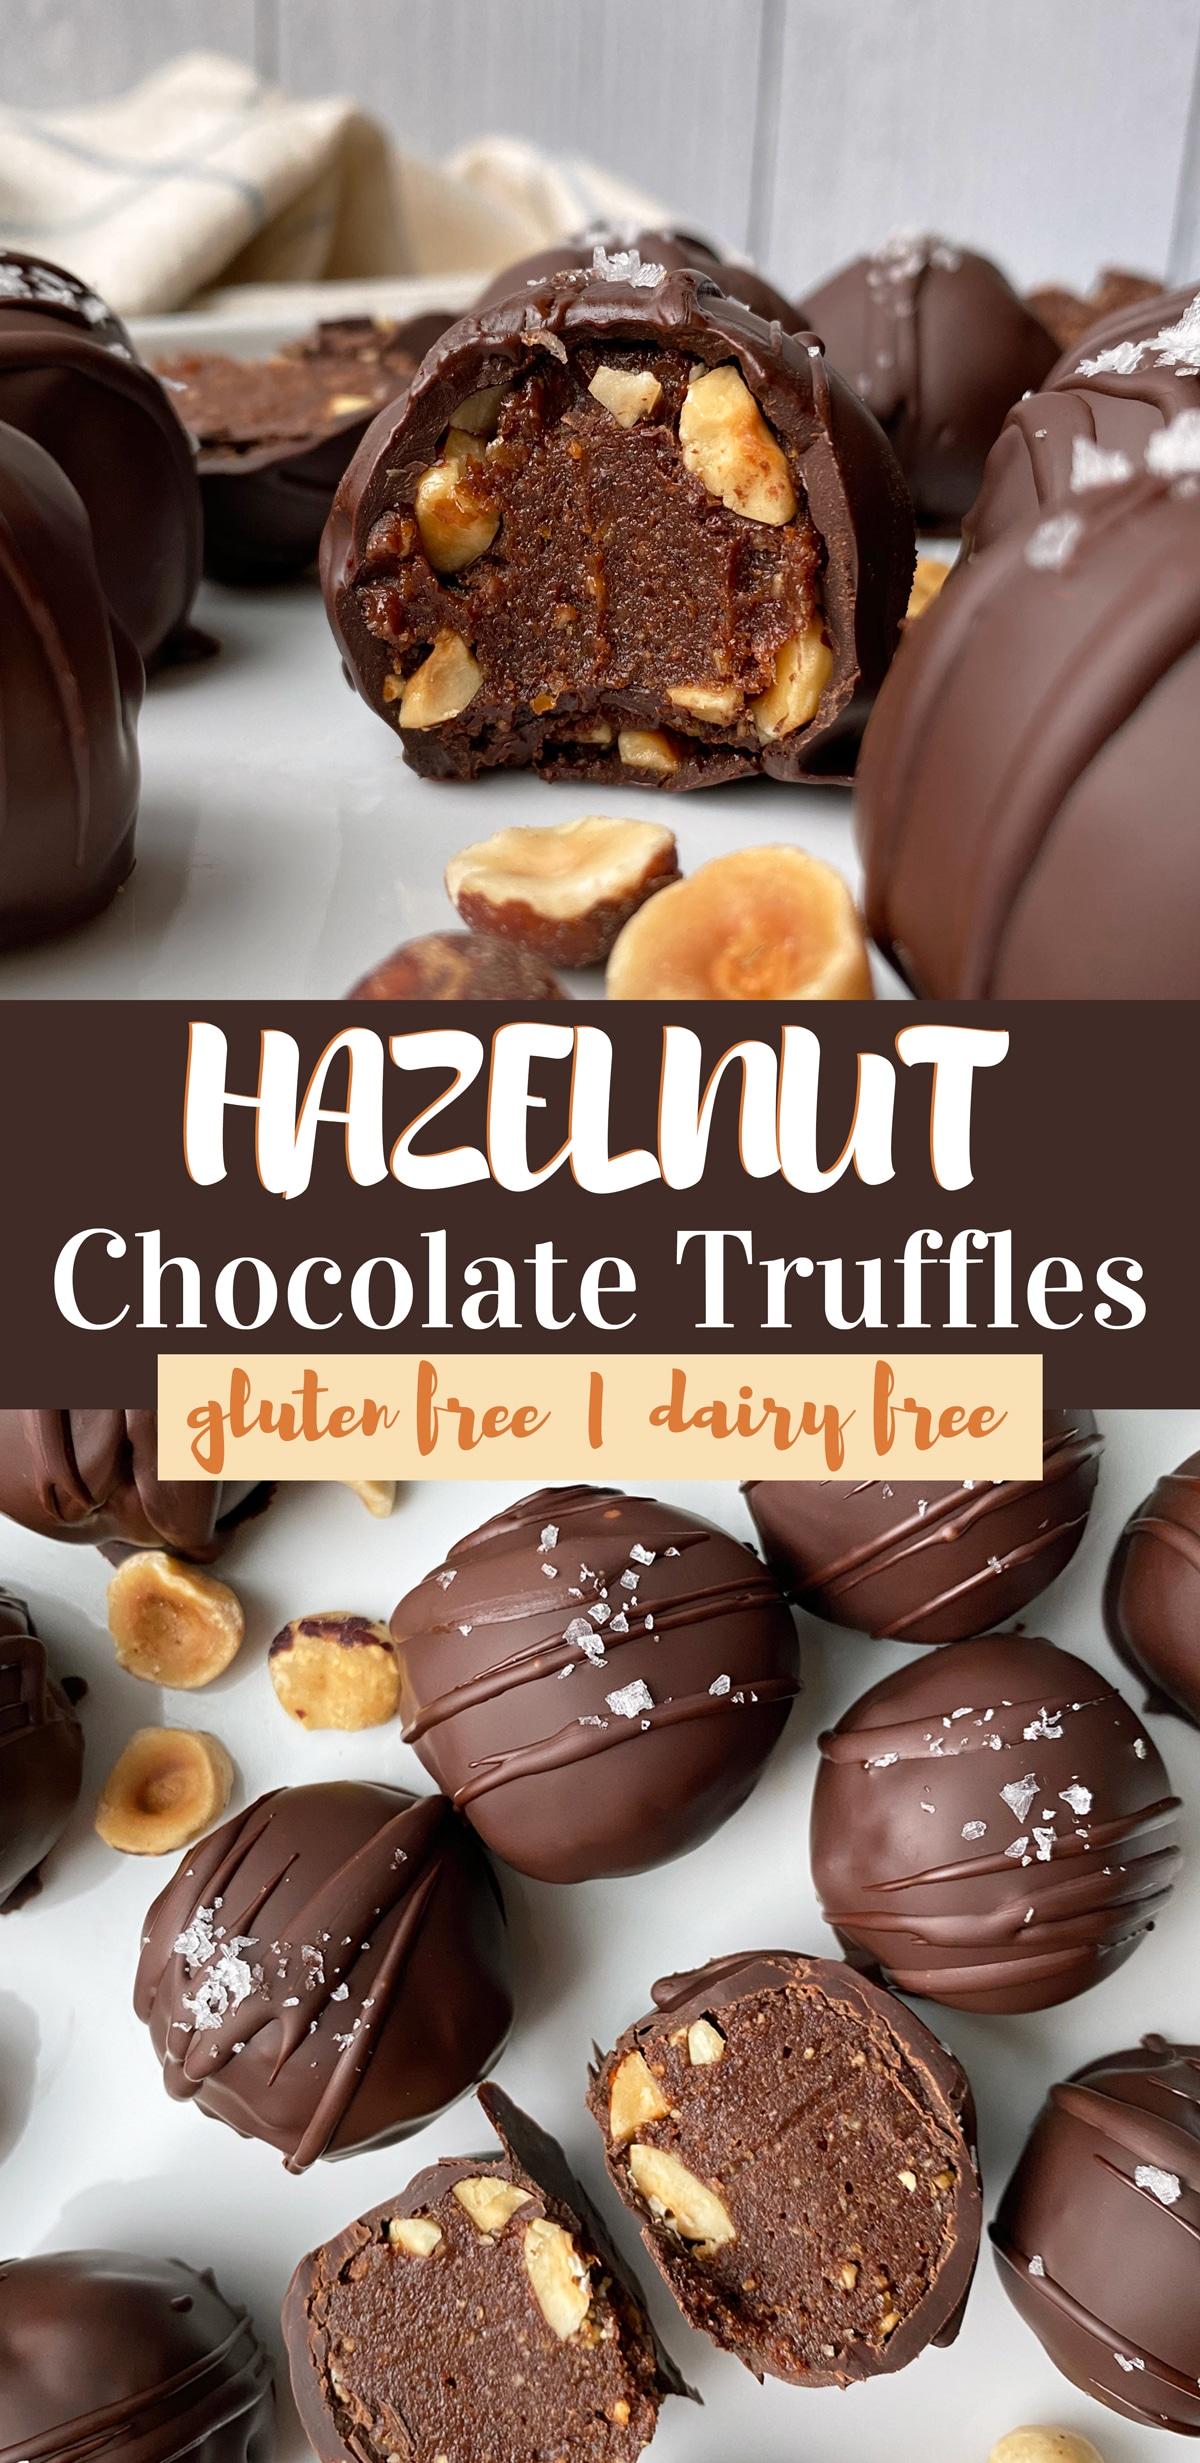 gluten-free-dairy-free-chocolate-truffles-with-hazelnuts